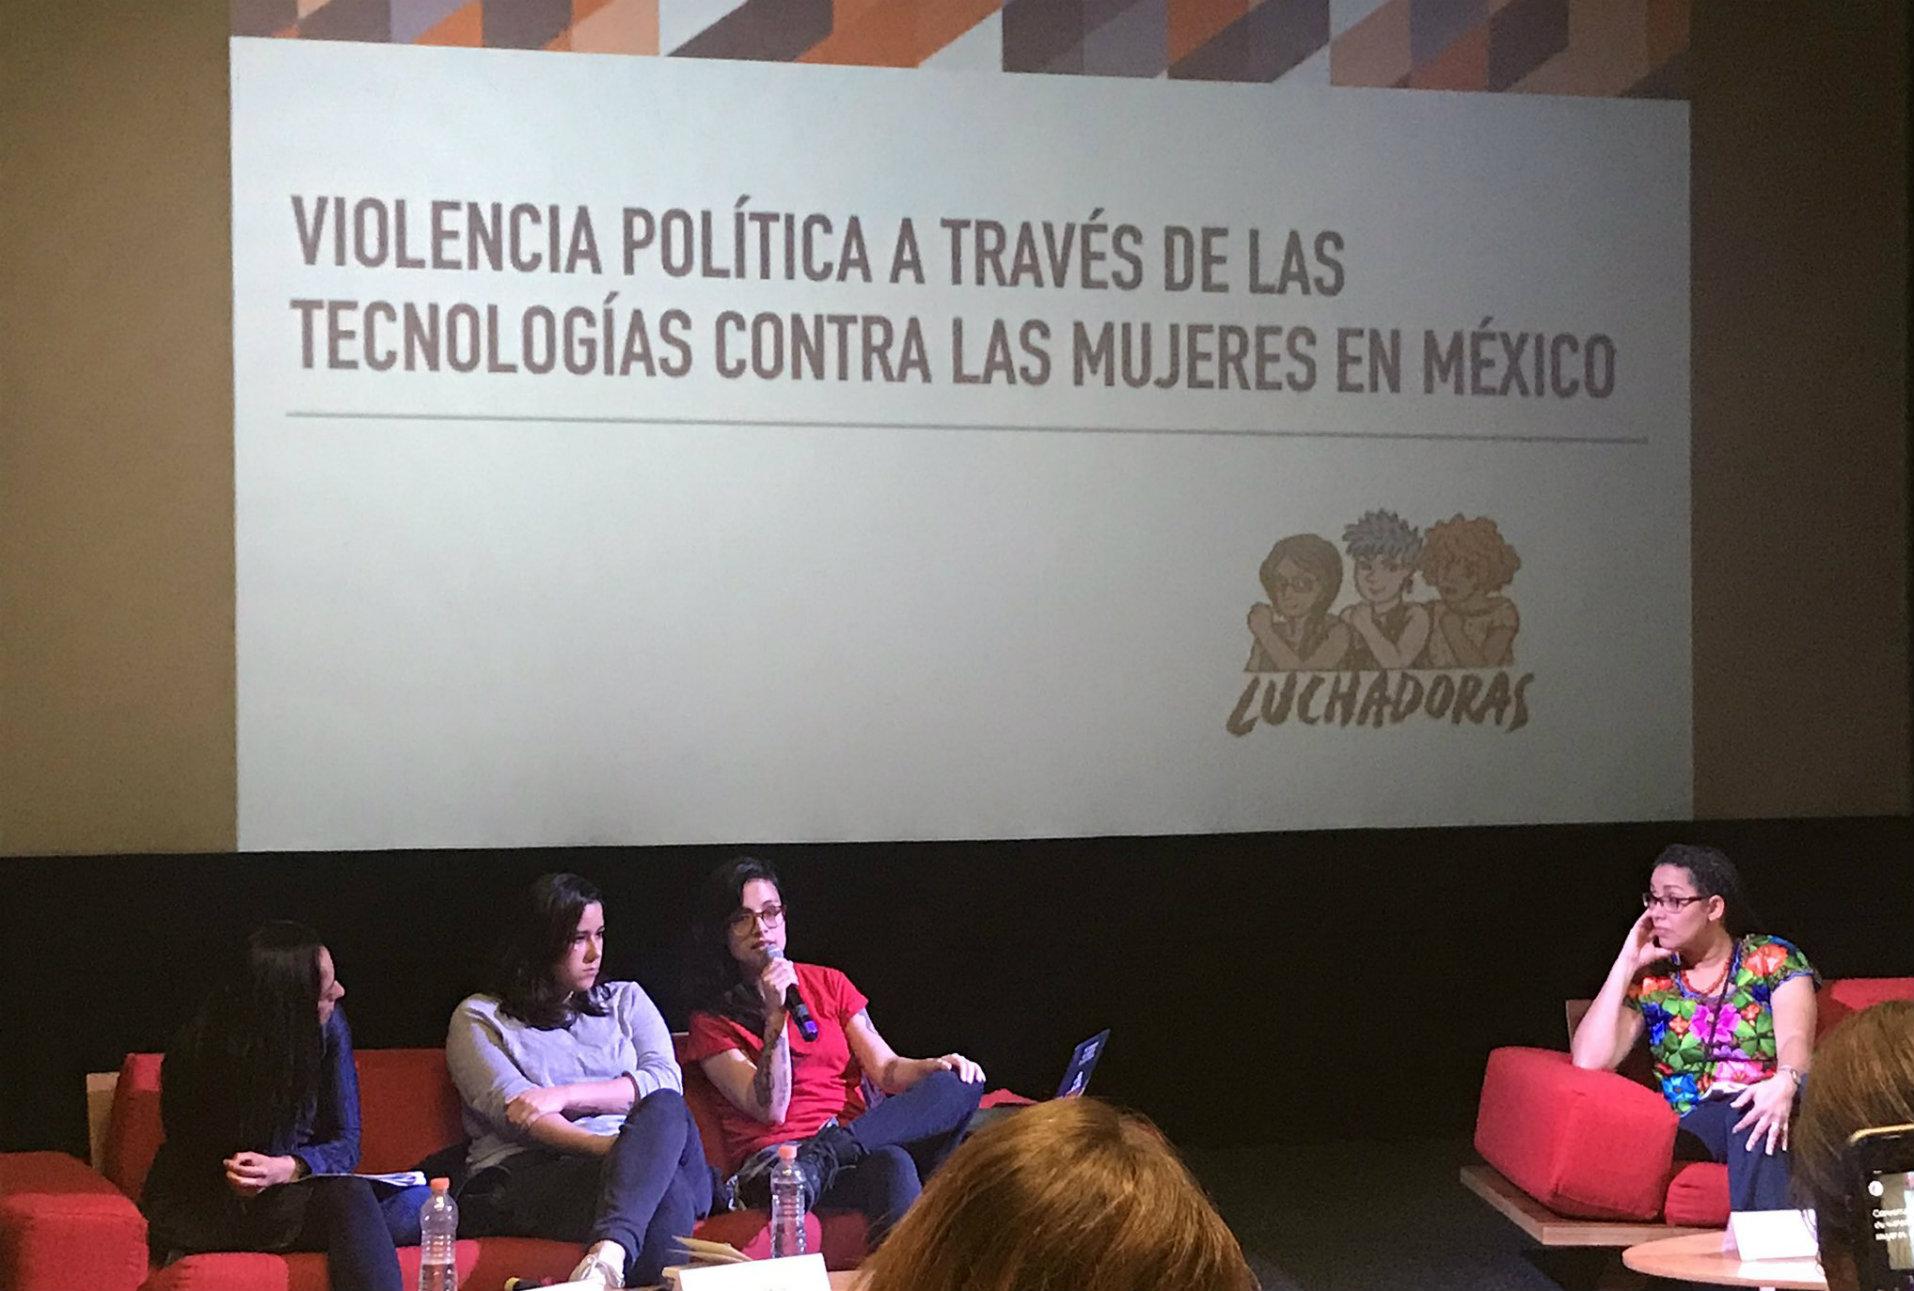 Luchadoras documenta violencia machista contra candidatas a través de la tecnología